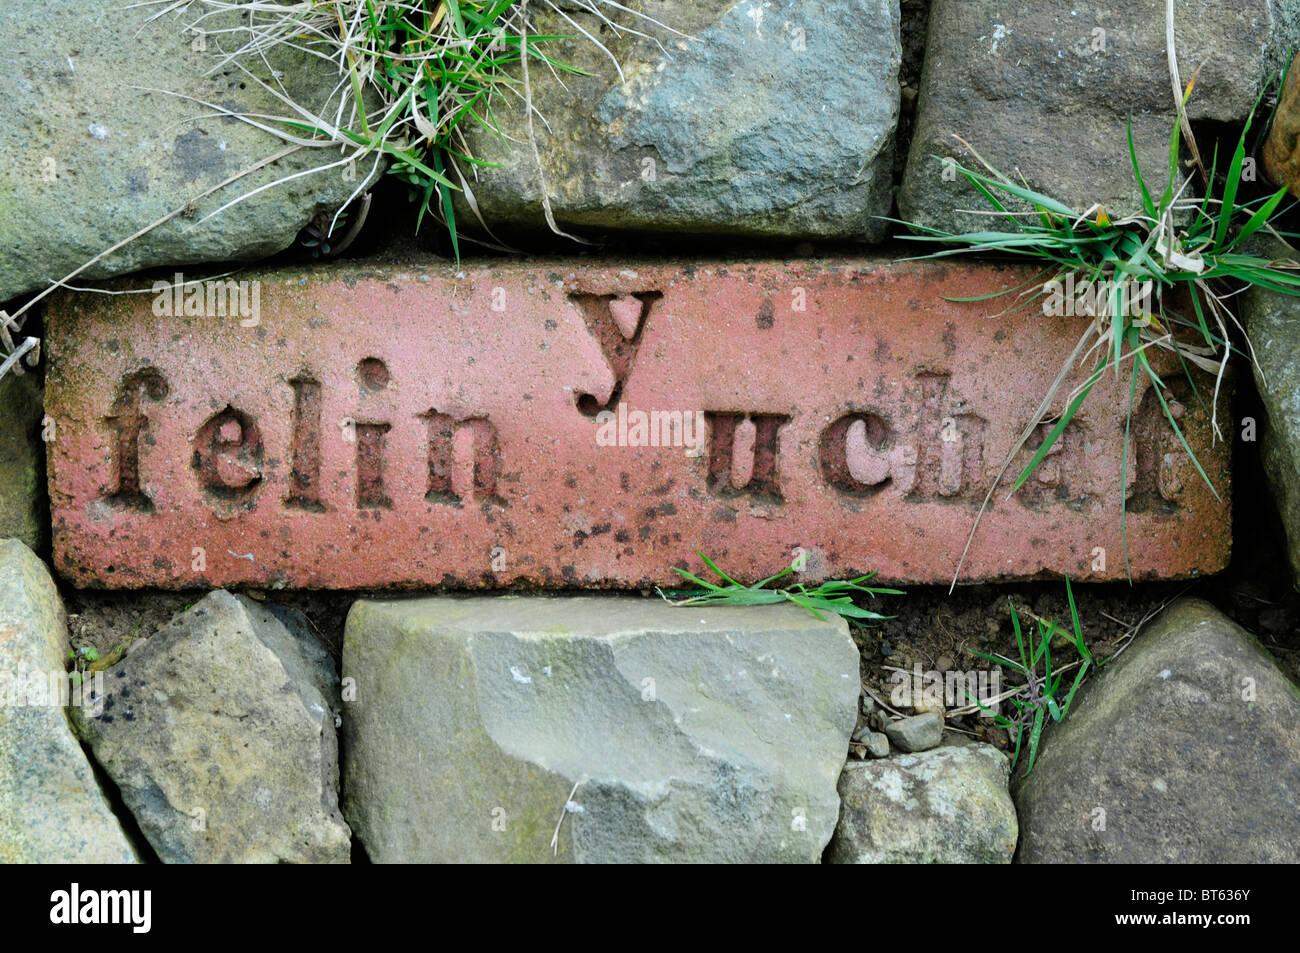 pottery brick ceramic name plate logo Menter y Felin Uchaf Rhoshirwaun.Pwllheli, Gwynedd LL53 8HS An Educational - Stock Image